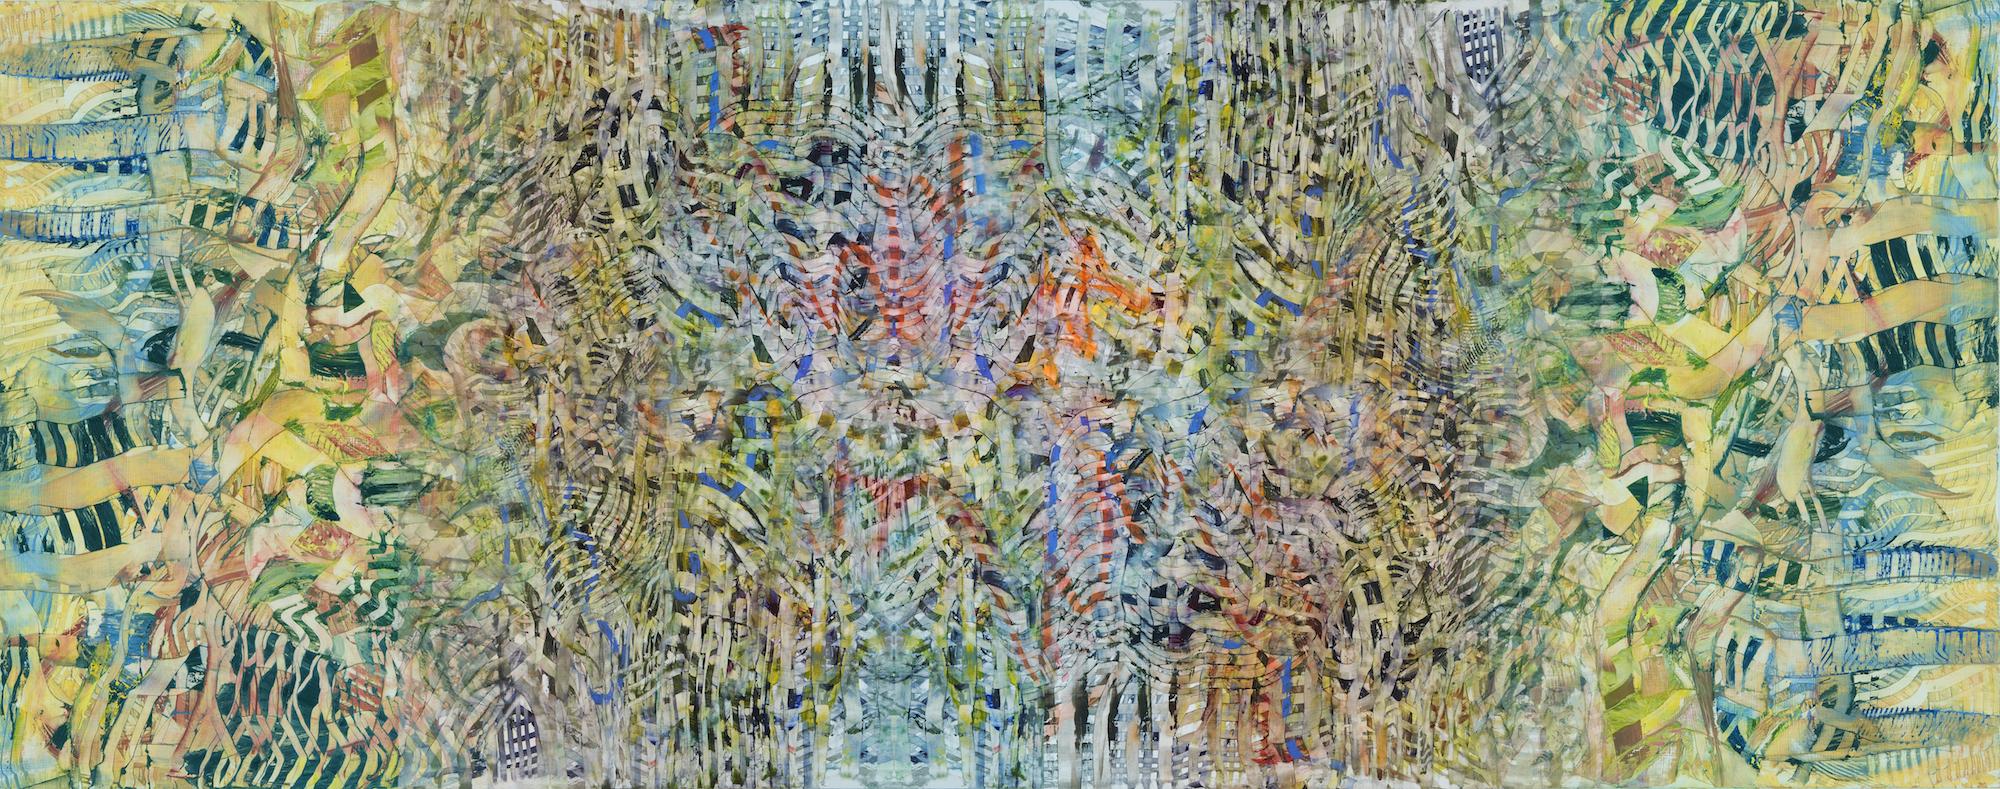 """Il Barone Rampante Series #4, archival pigment print, 15 3/8"""" x 39"""", 2013"""